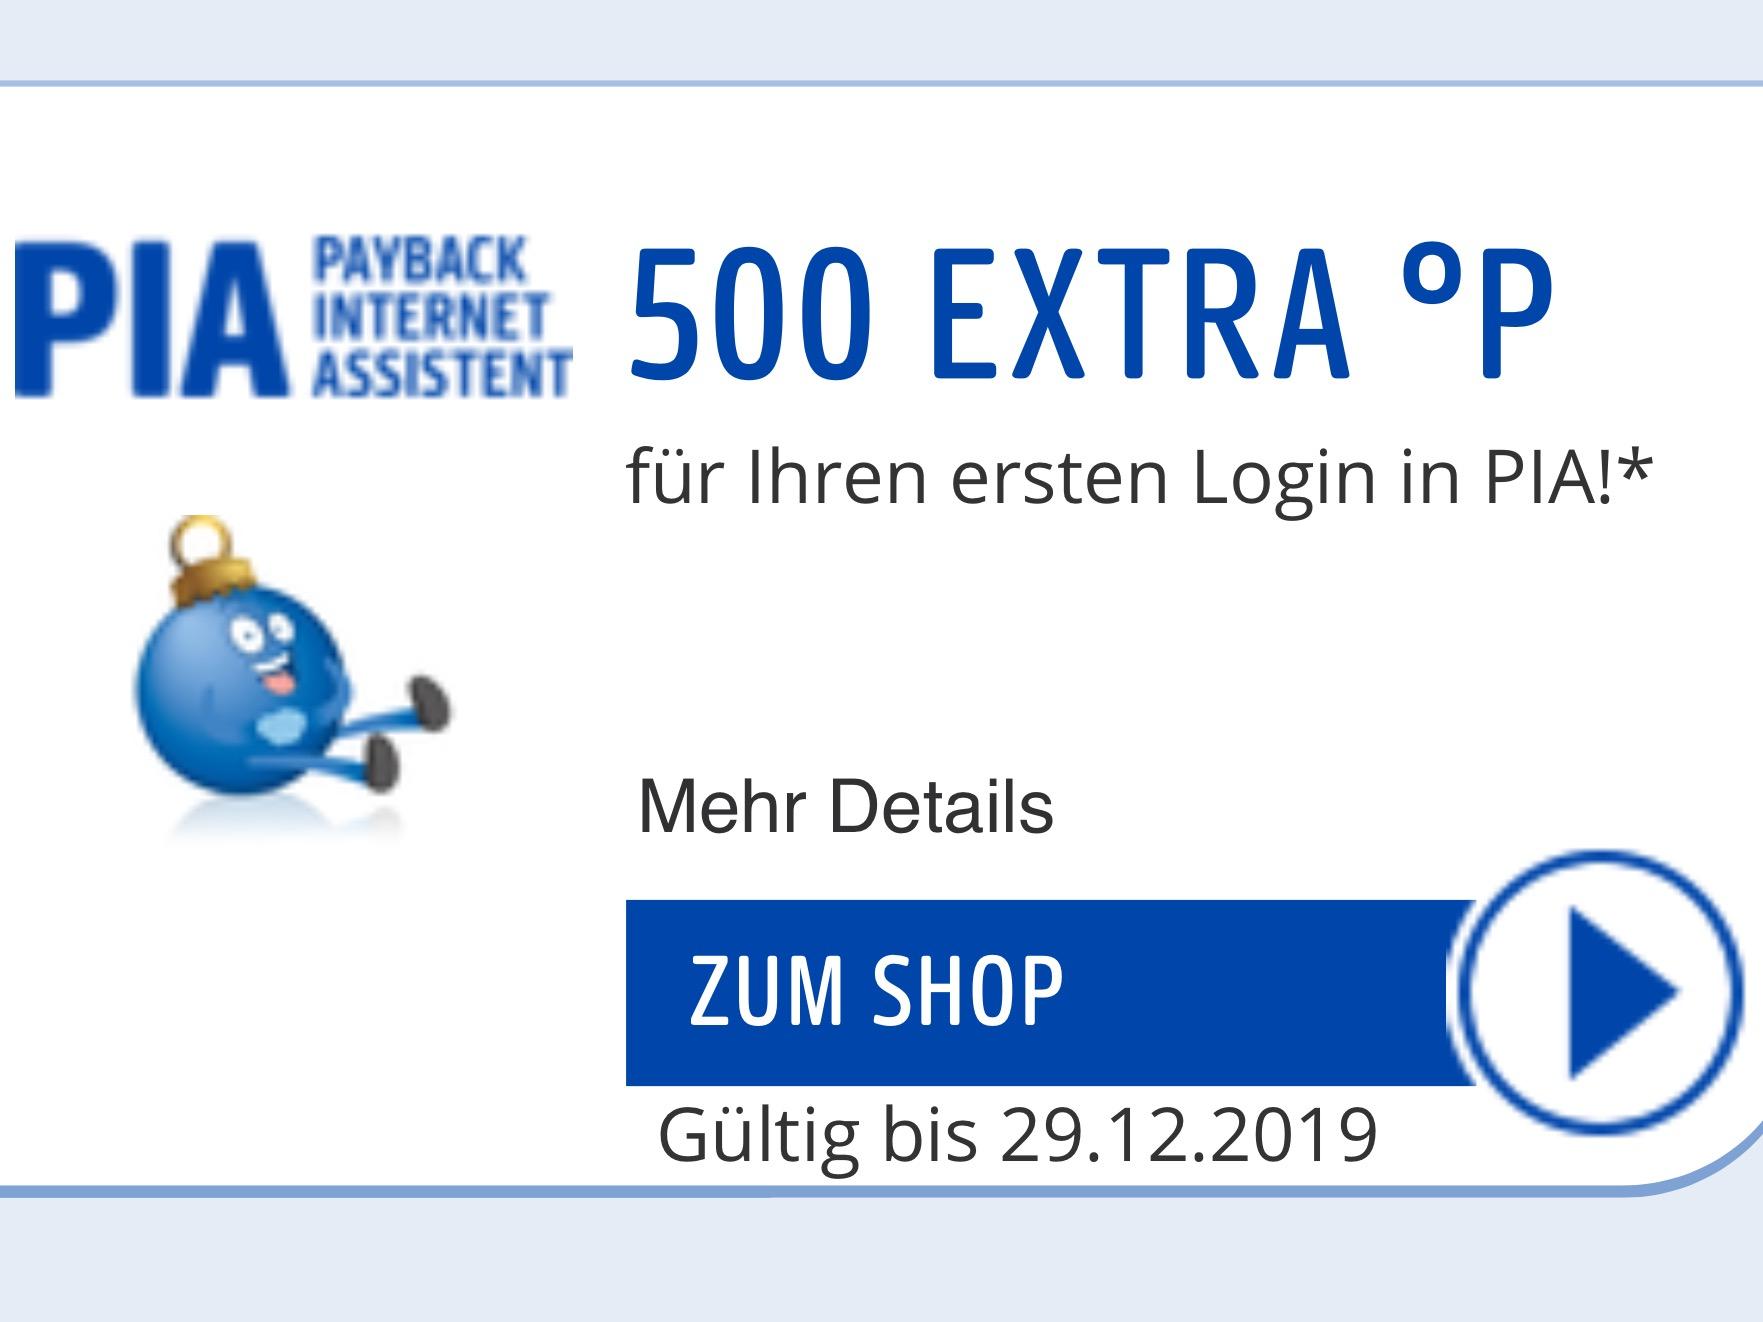 Payback 500 Extra Punkte für den ersten Login mit Pia ( Personalisiert )